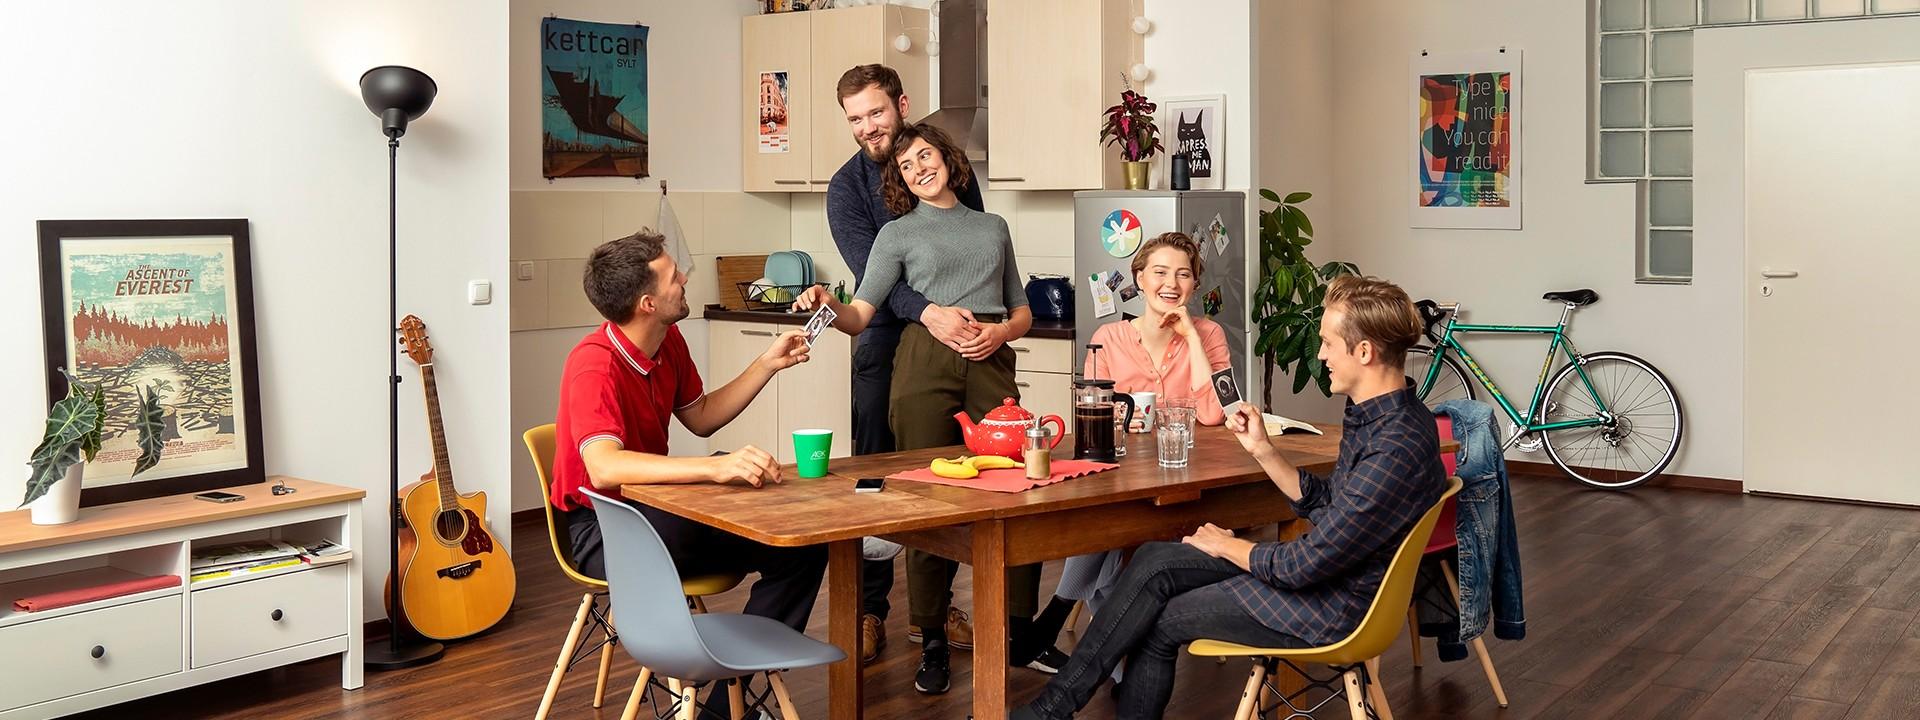 Junge Menschen sitzen gemeinsam am Küchentisch